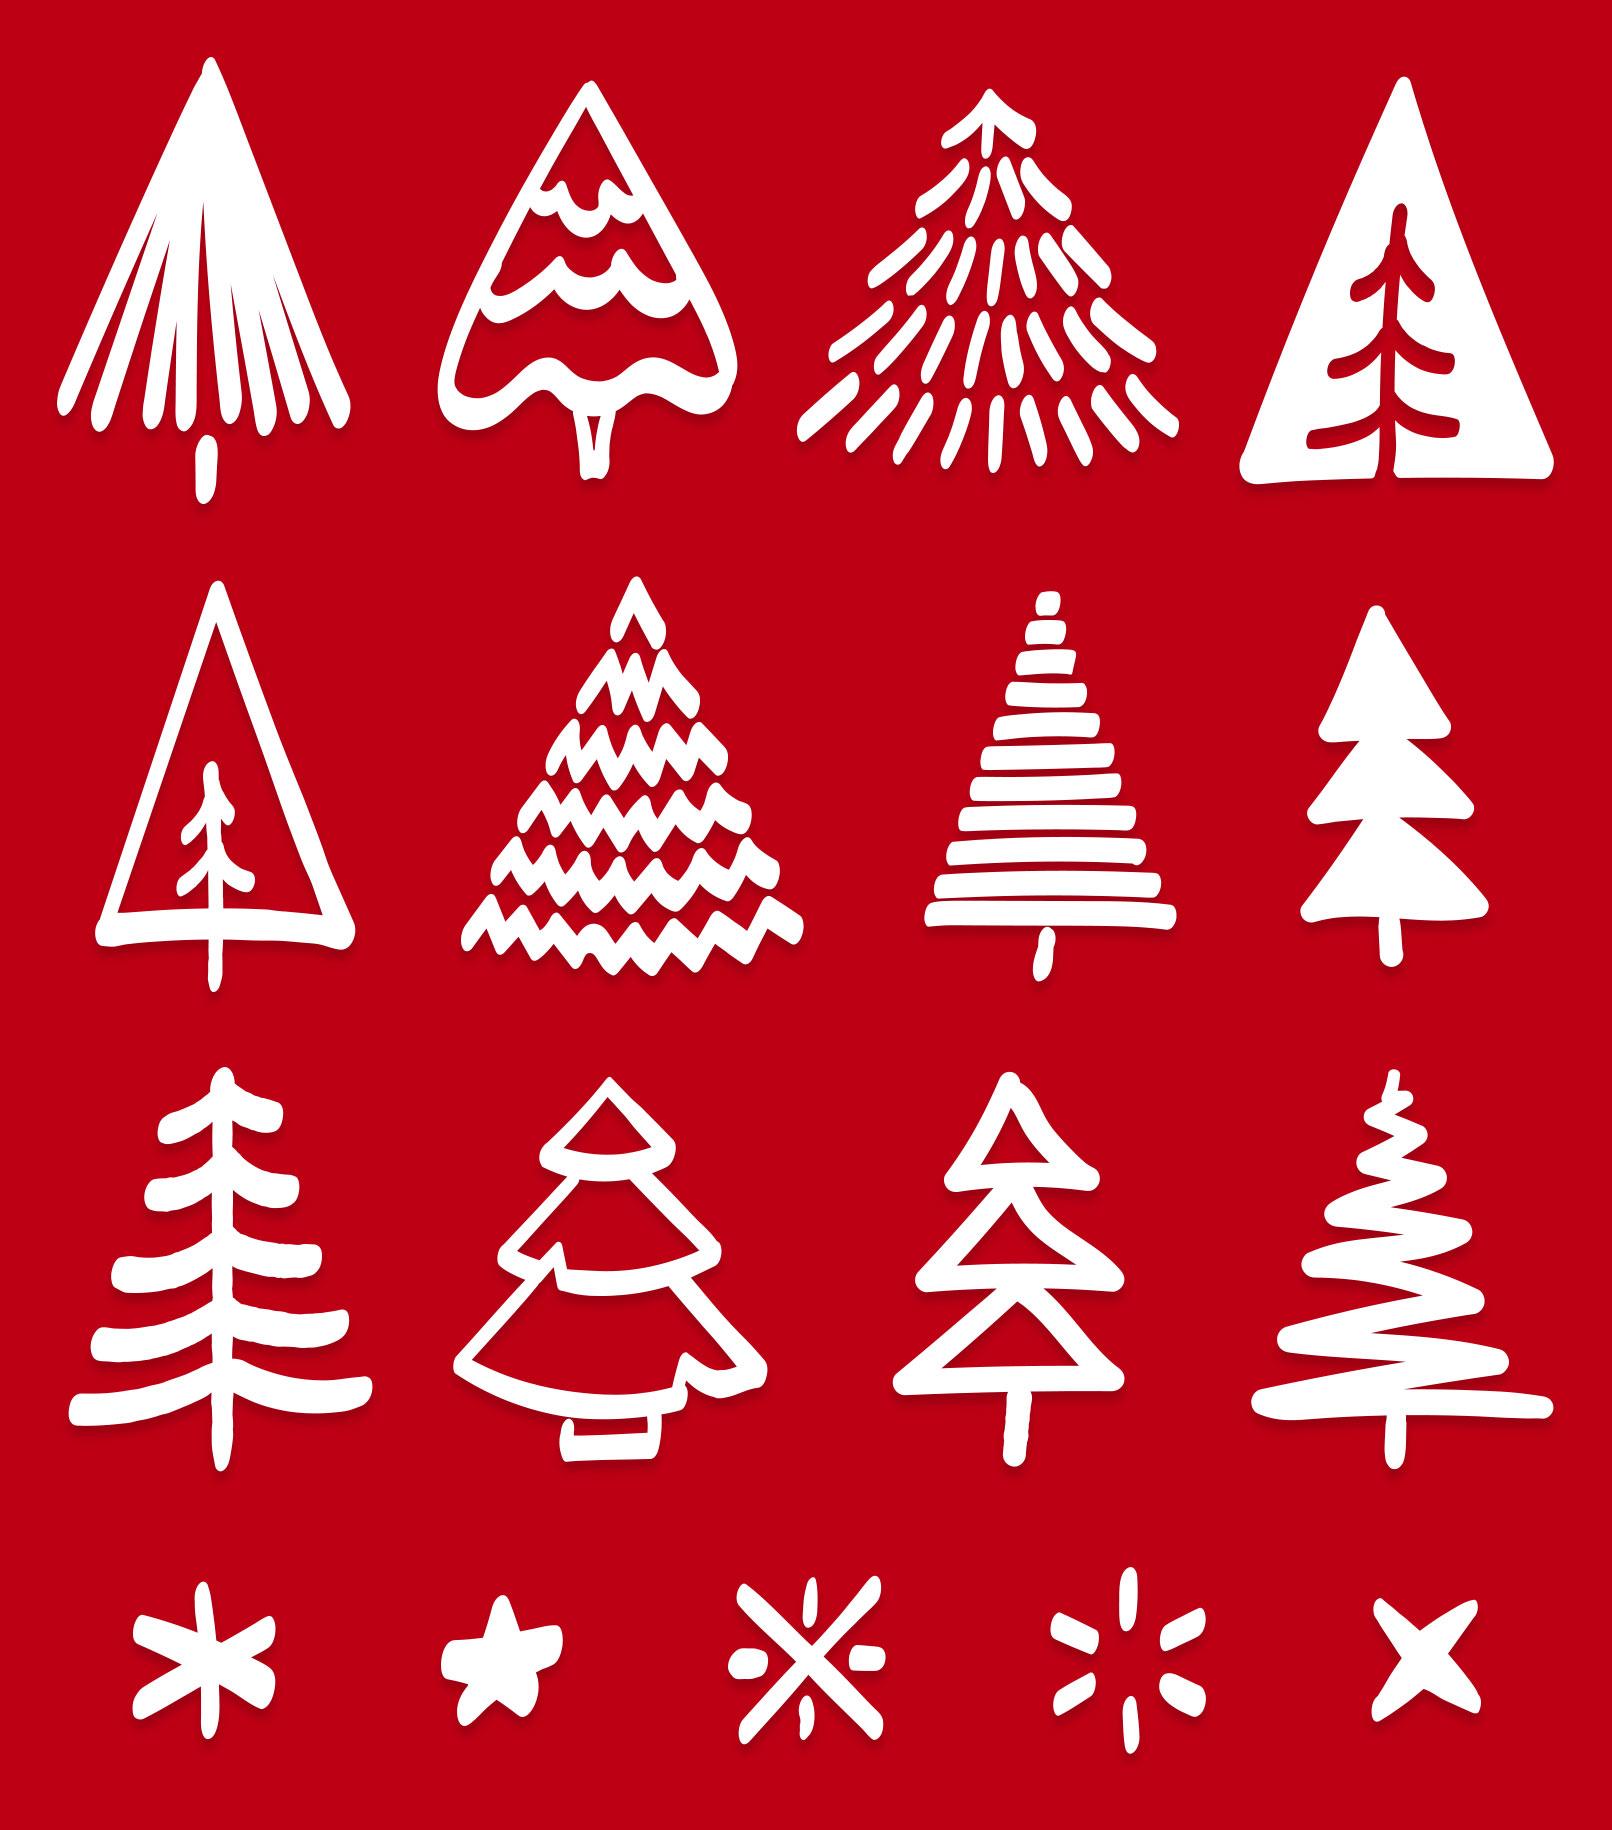 Einzeldarstellung der Illustrationen für Tannenbaum-Muster